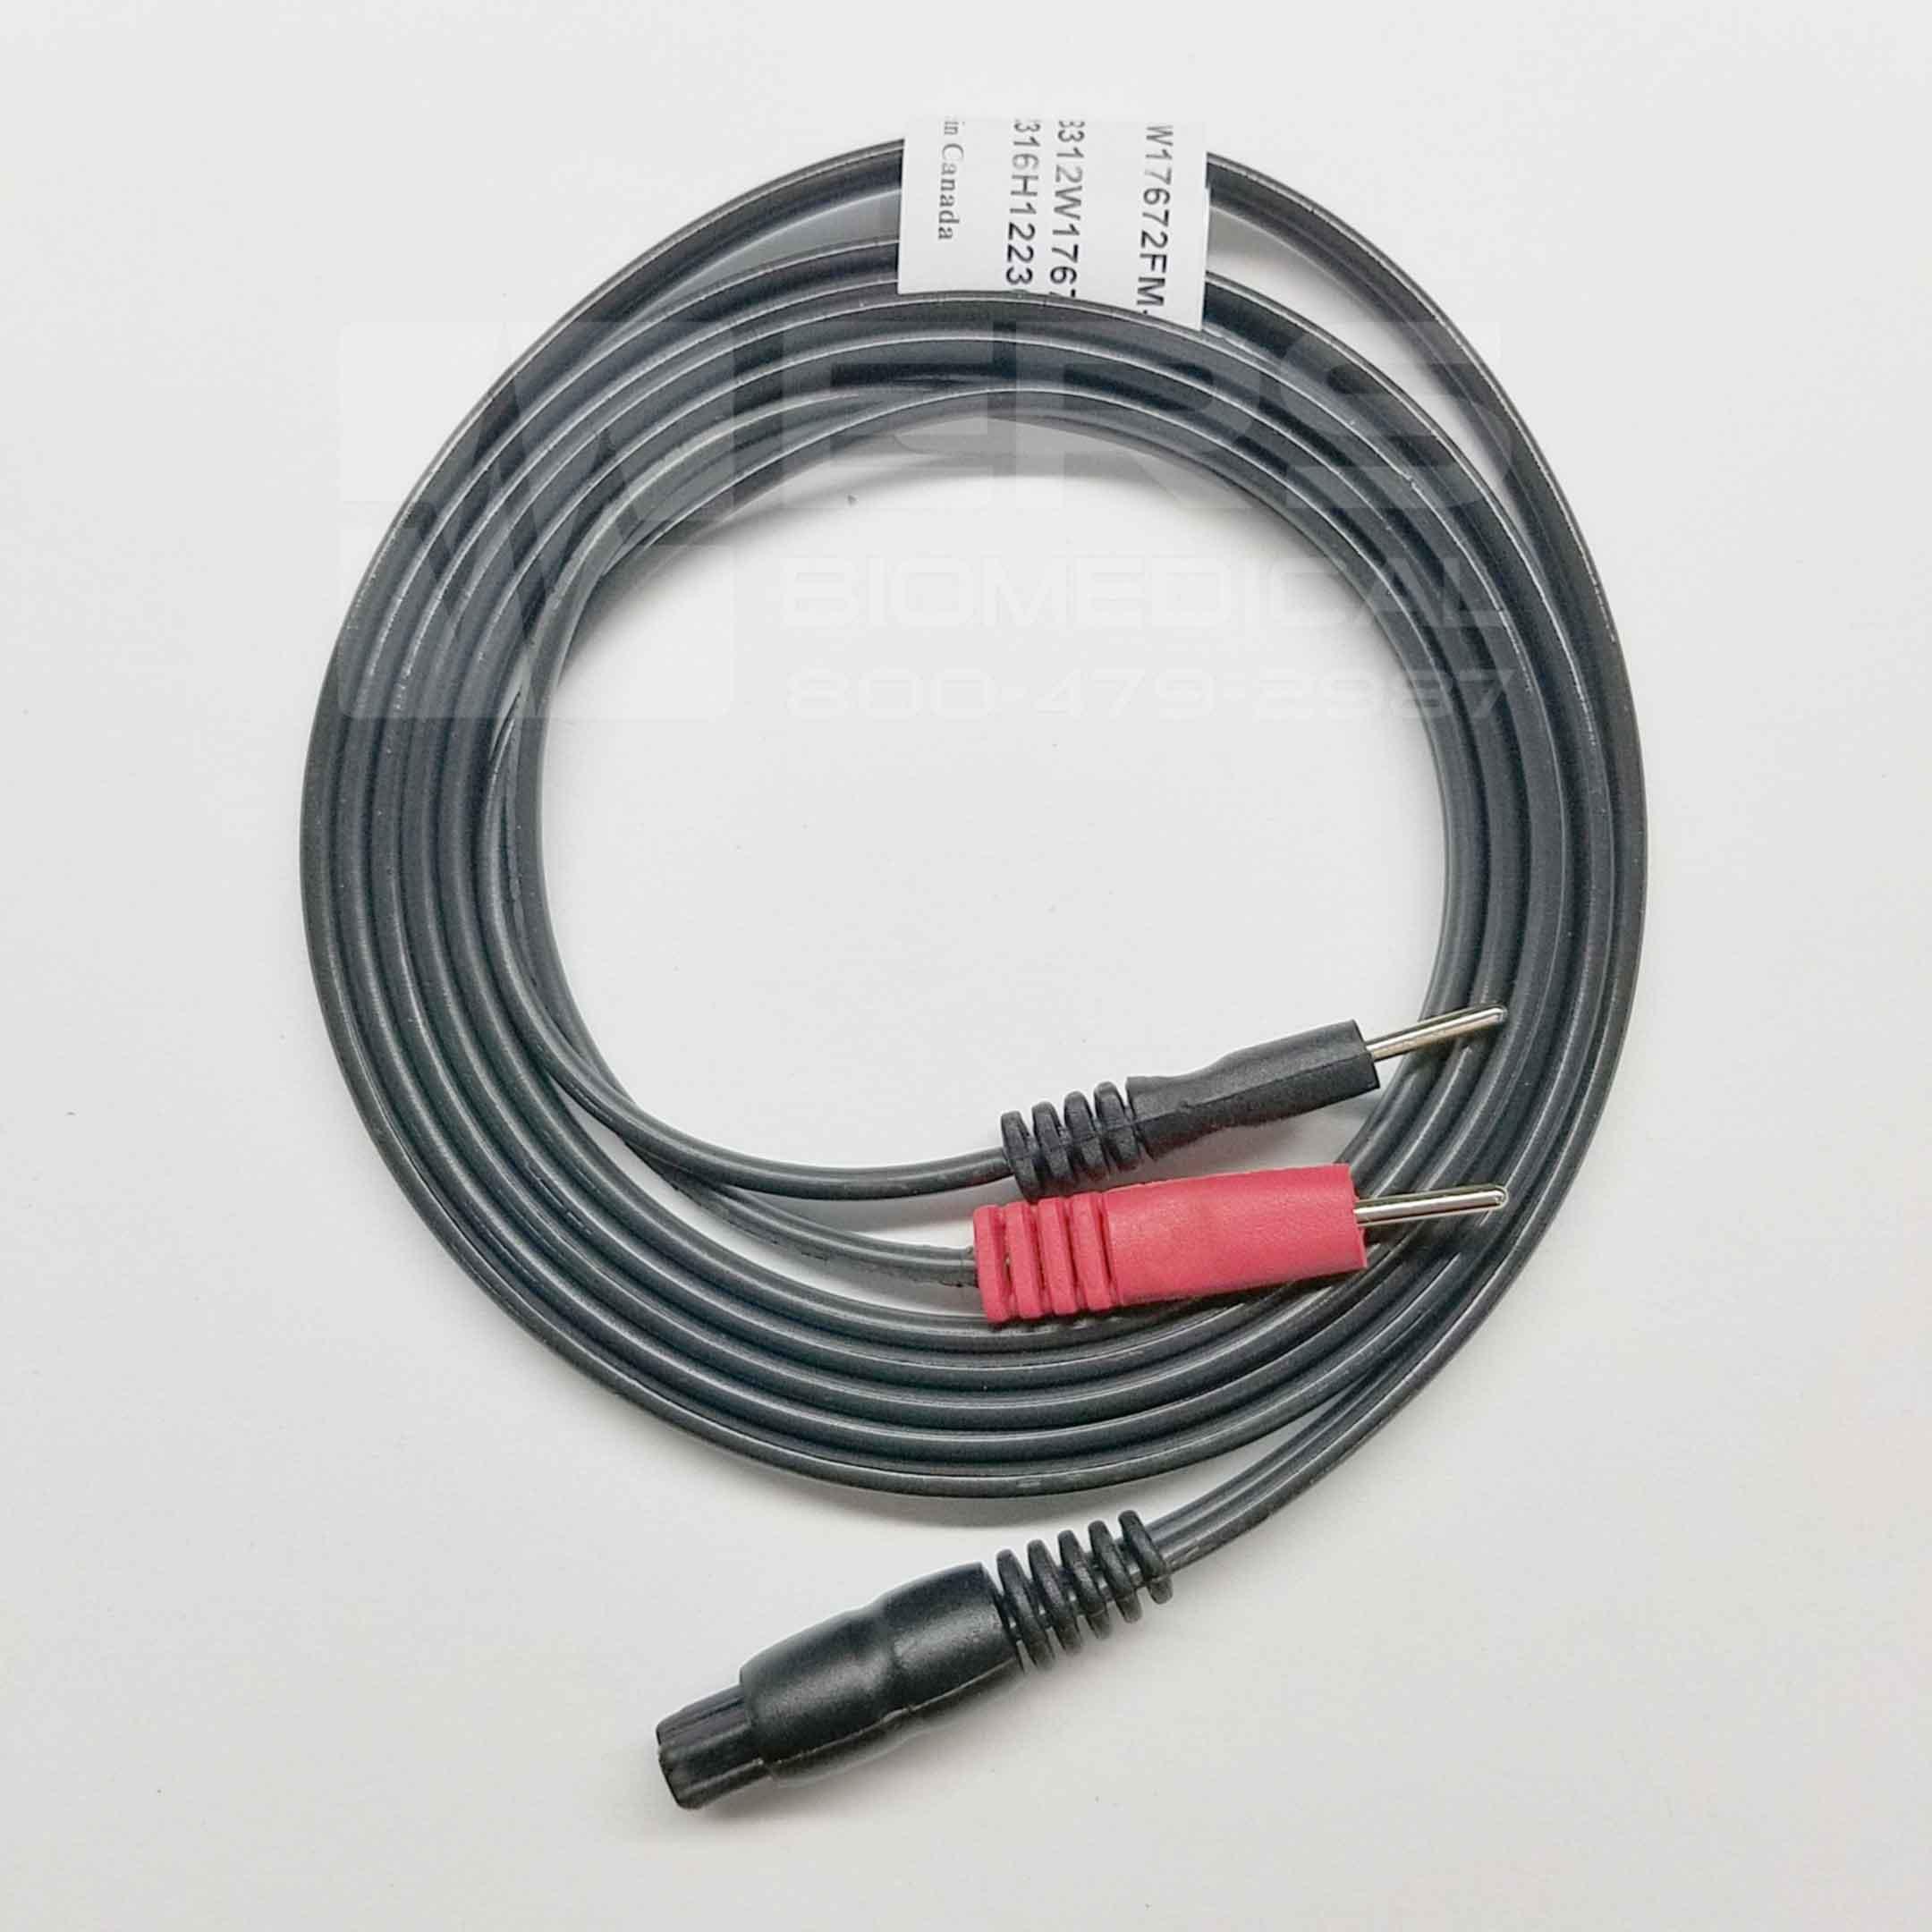 Chatt Lead Wire XT Style Channel 2 Gry